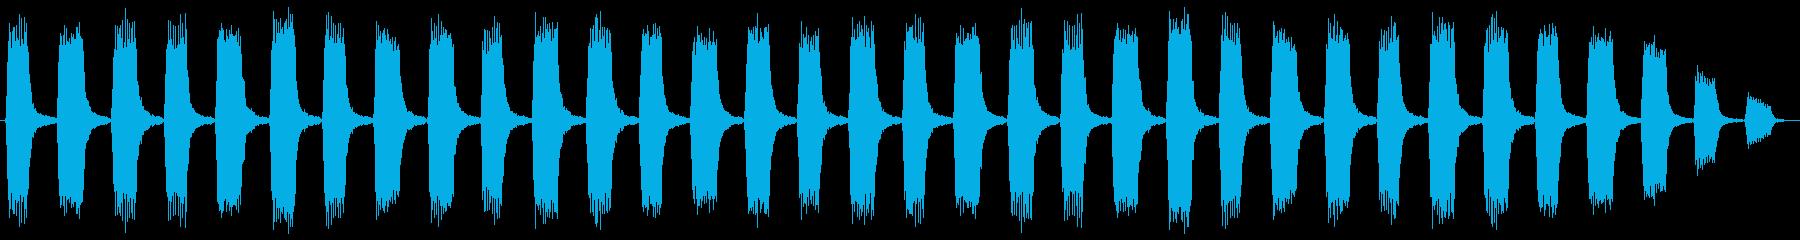 セキュリティーアラートの再生済みの波形